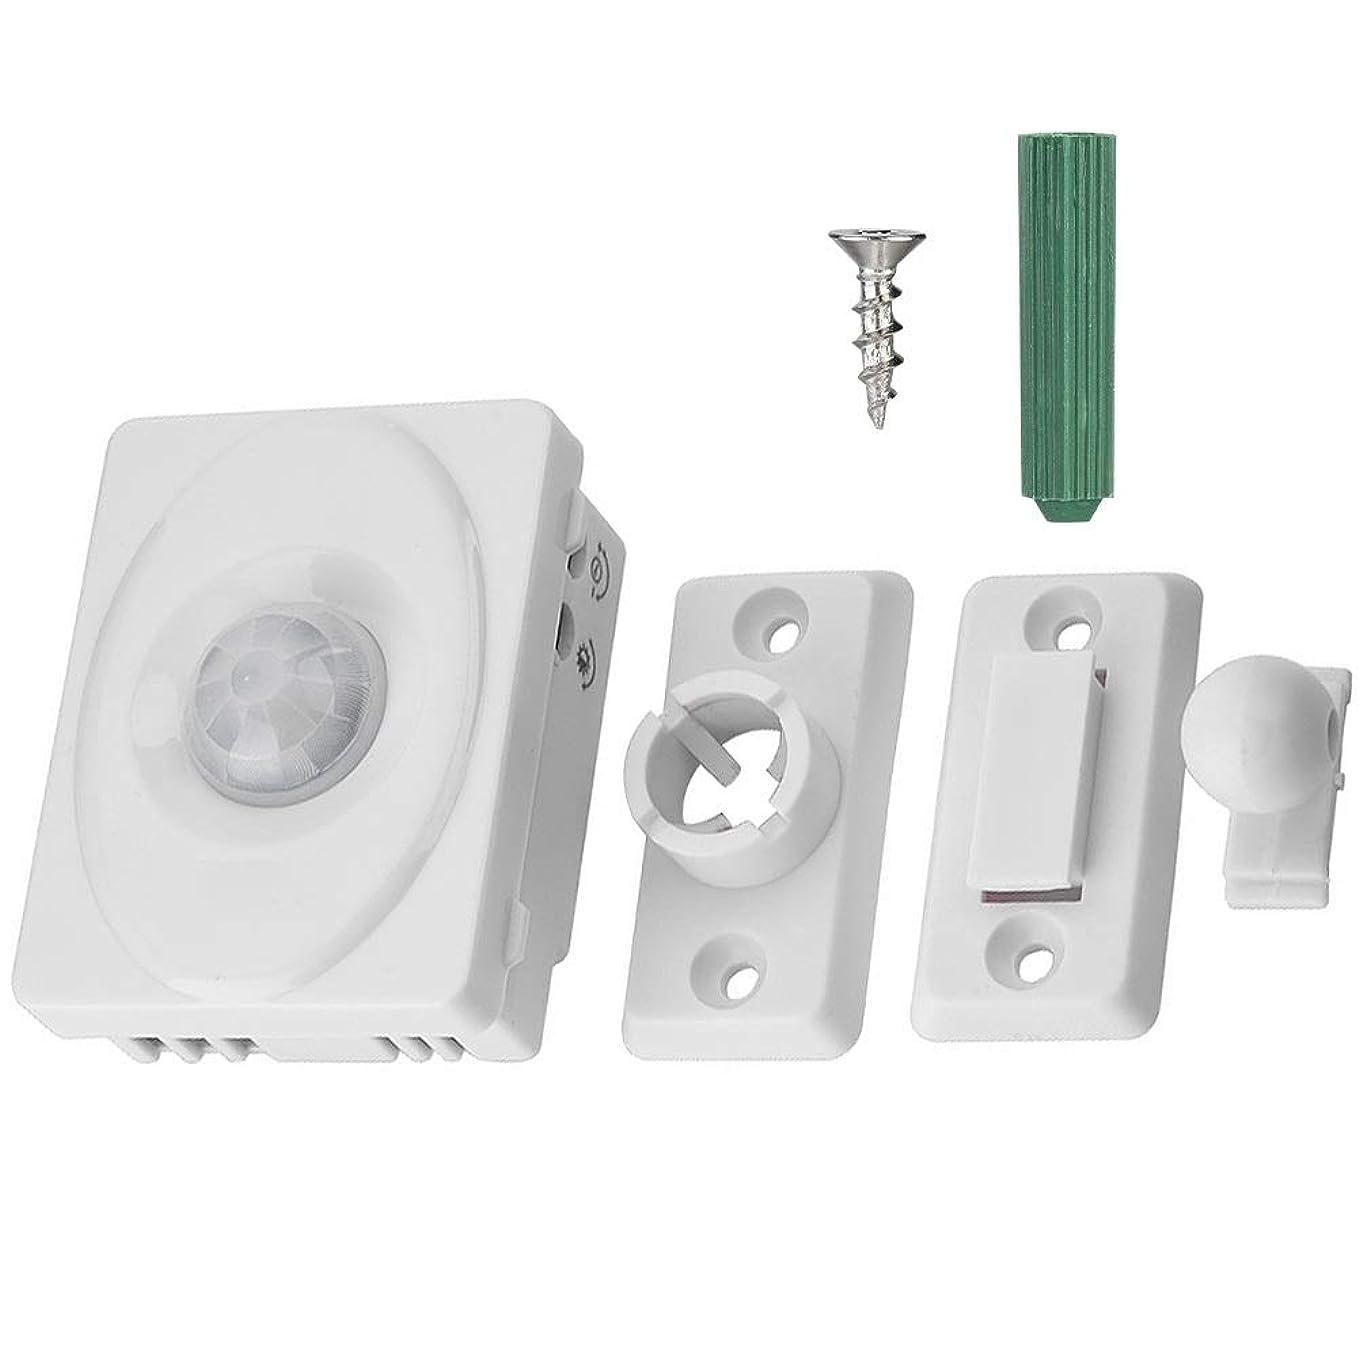 資本主義急流借りる人感センサー光りセンサー赤外線壁自動スイッチ LEDライト12V用 玄関 台所 廊下 トイレ PIRモーションセンサースイッチ